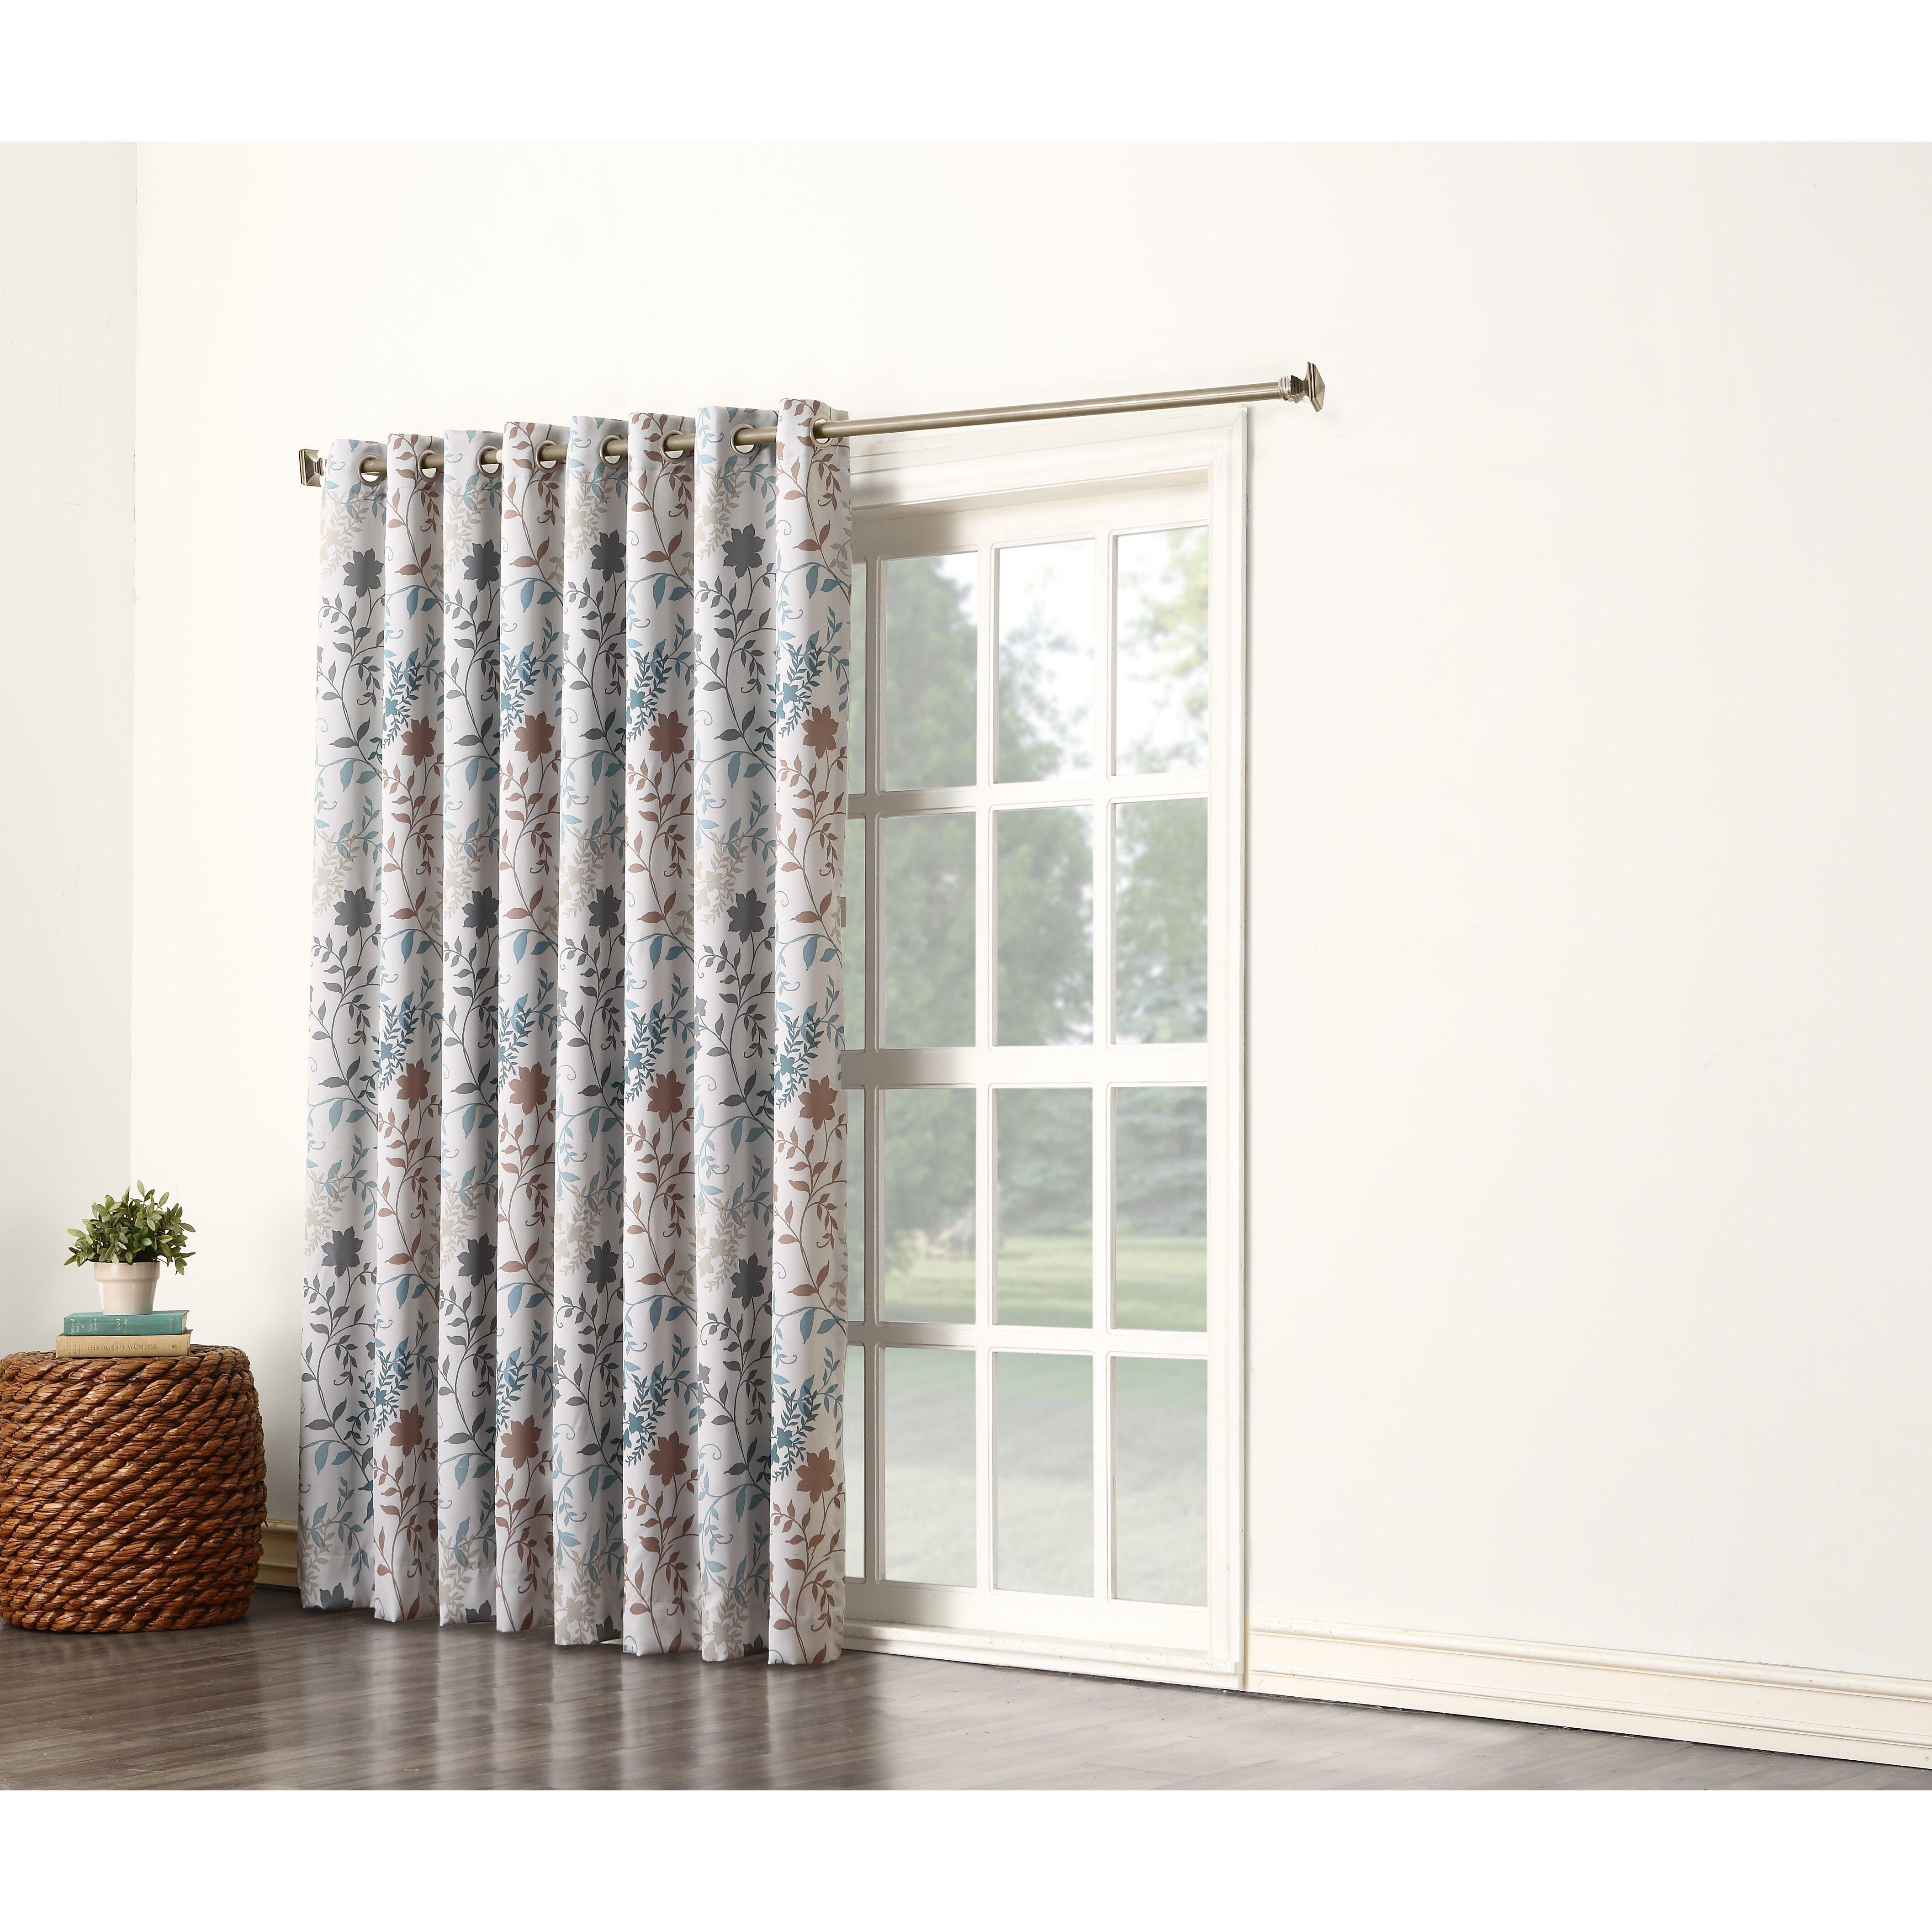 Sun Zero Auburn Floral Extra Wide Grommet Patio Door